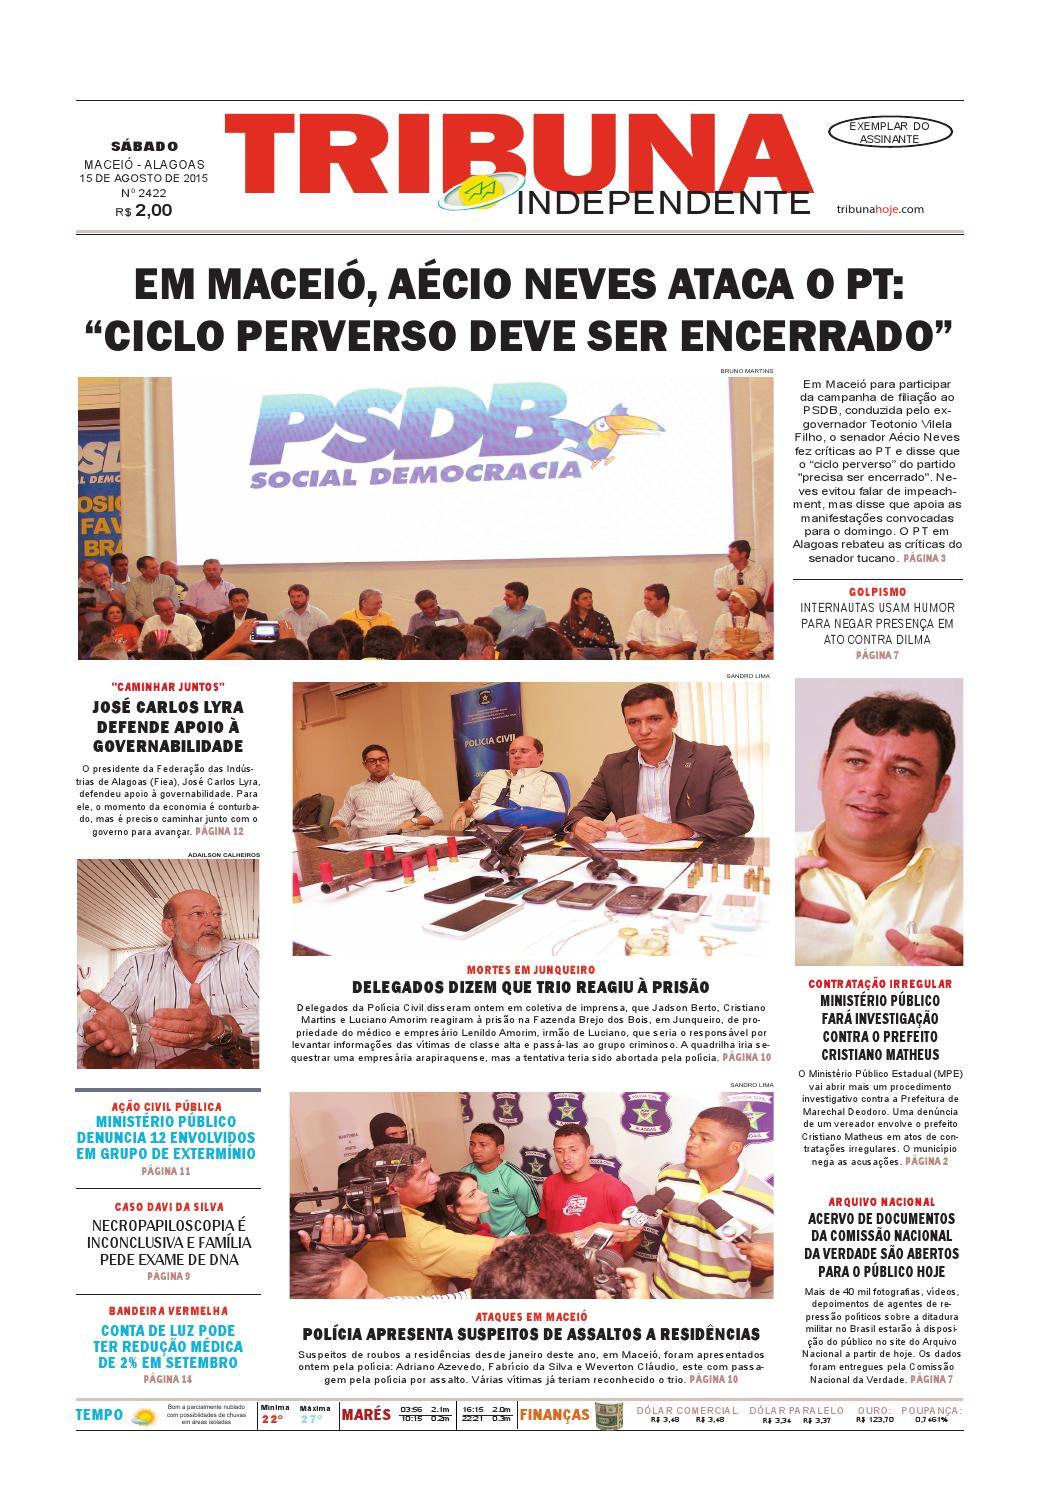 c465947a083 Edição número 2422 - 15 de agosto de 2015 by Tribuna Hoje - issuu